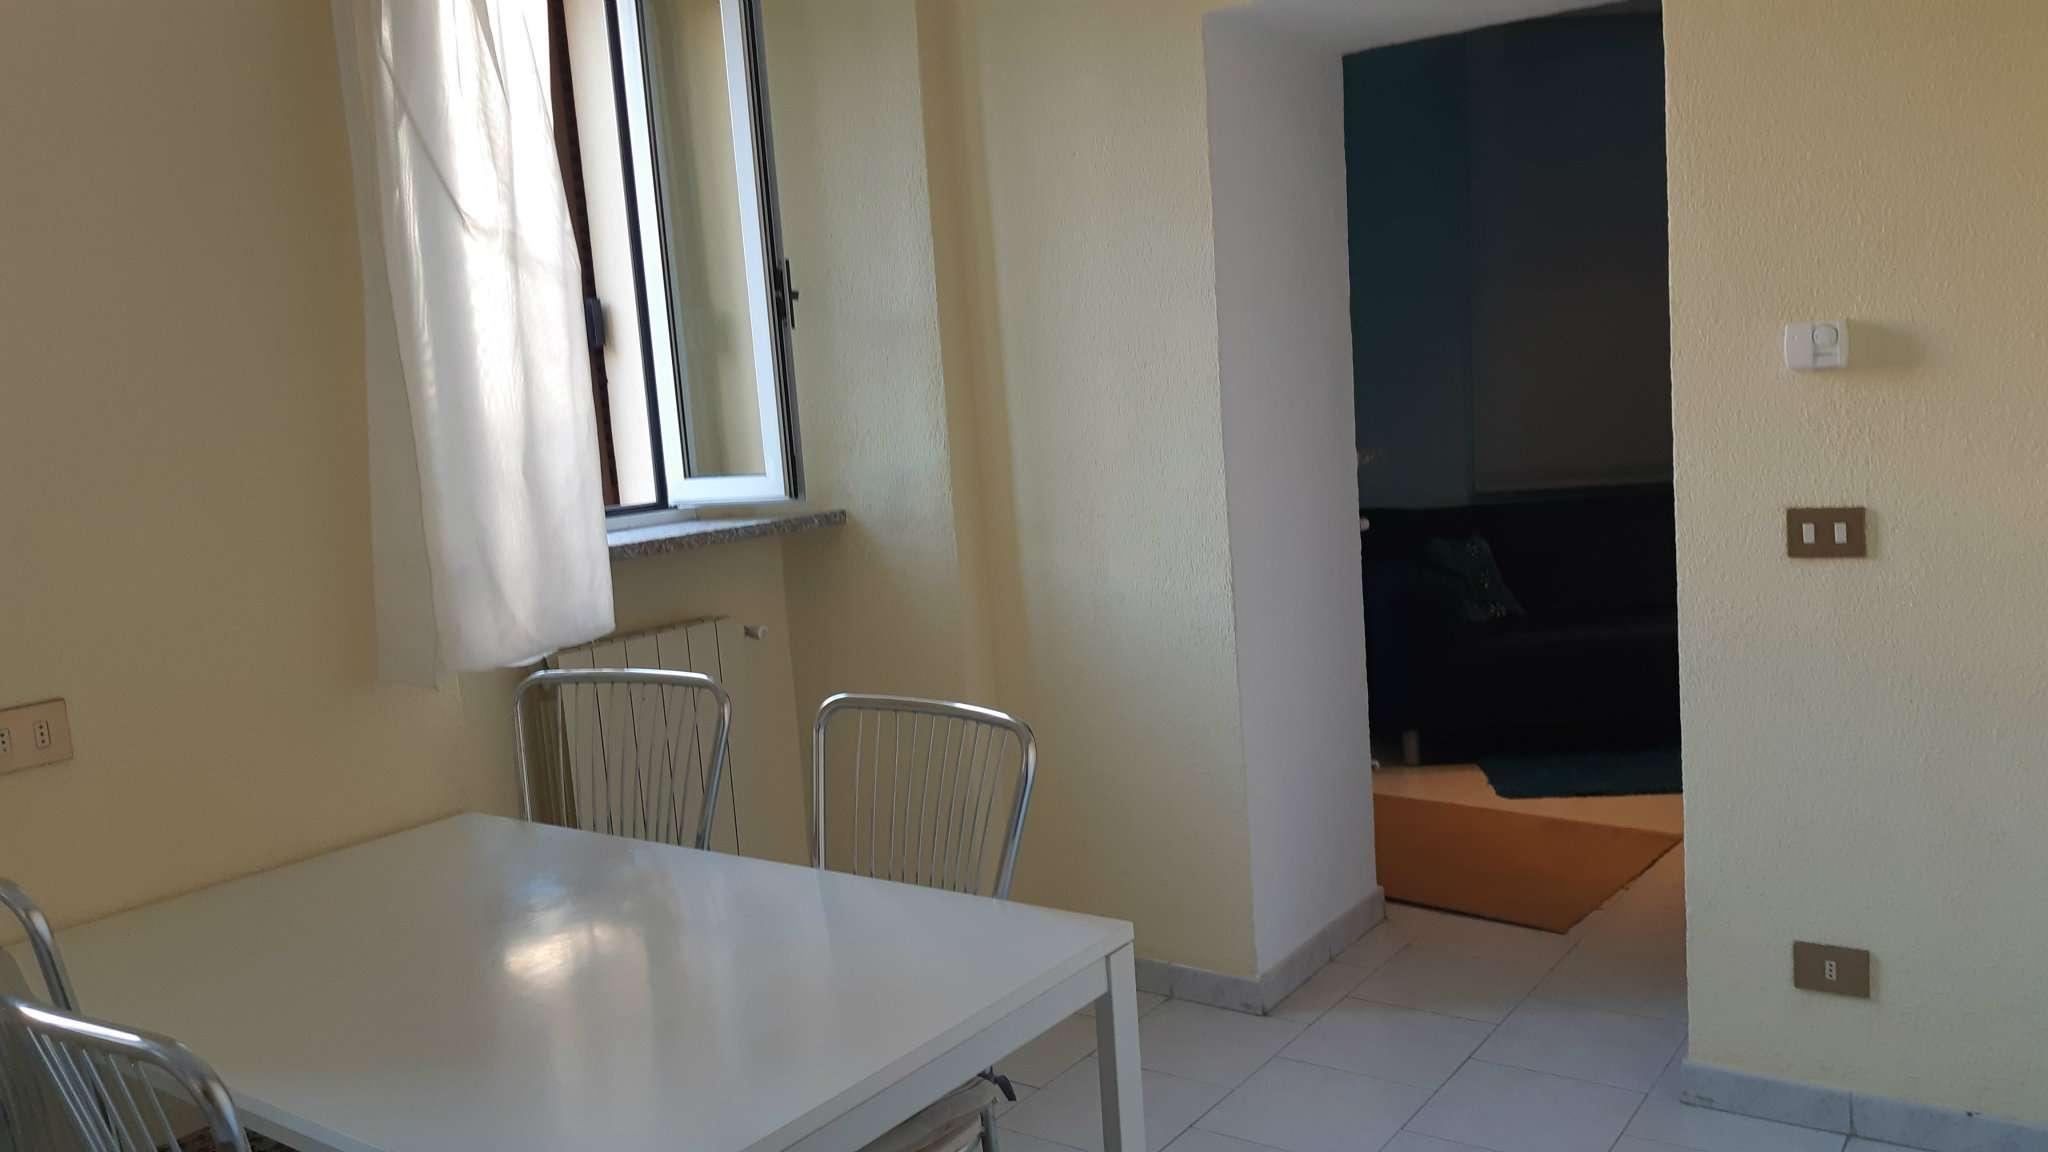 Appartamento in affitto a Binago, 2 locali, prezzo € 500 | CambioCasa.it